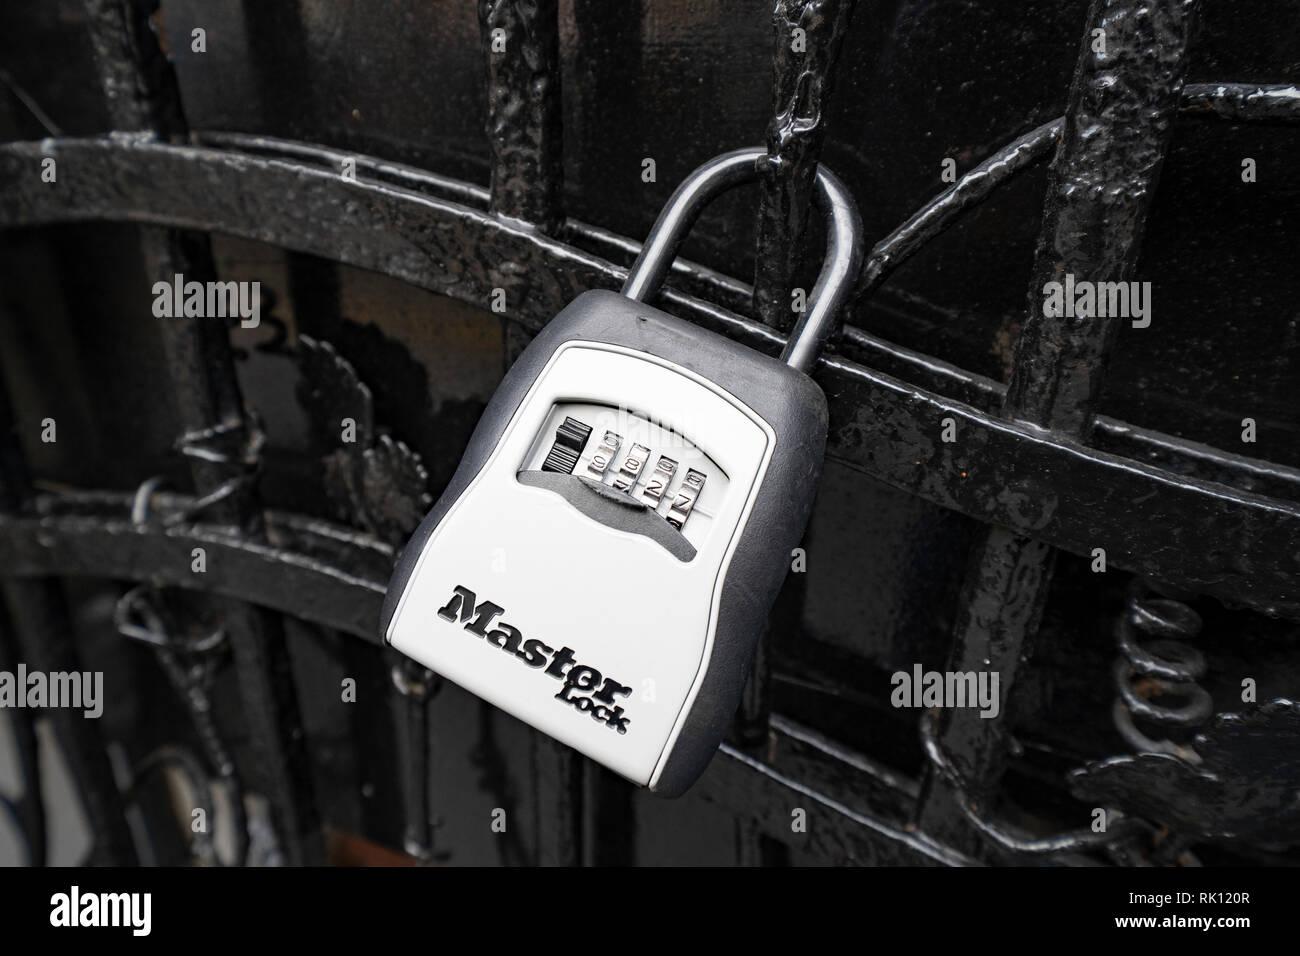 Boîte à clés pour les clients accédant au porte-clés Airbnb